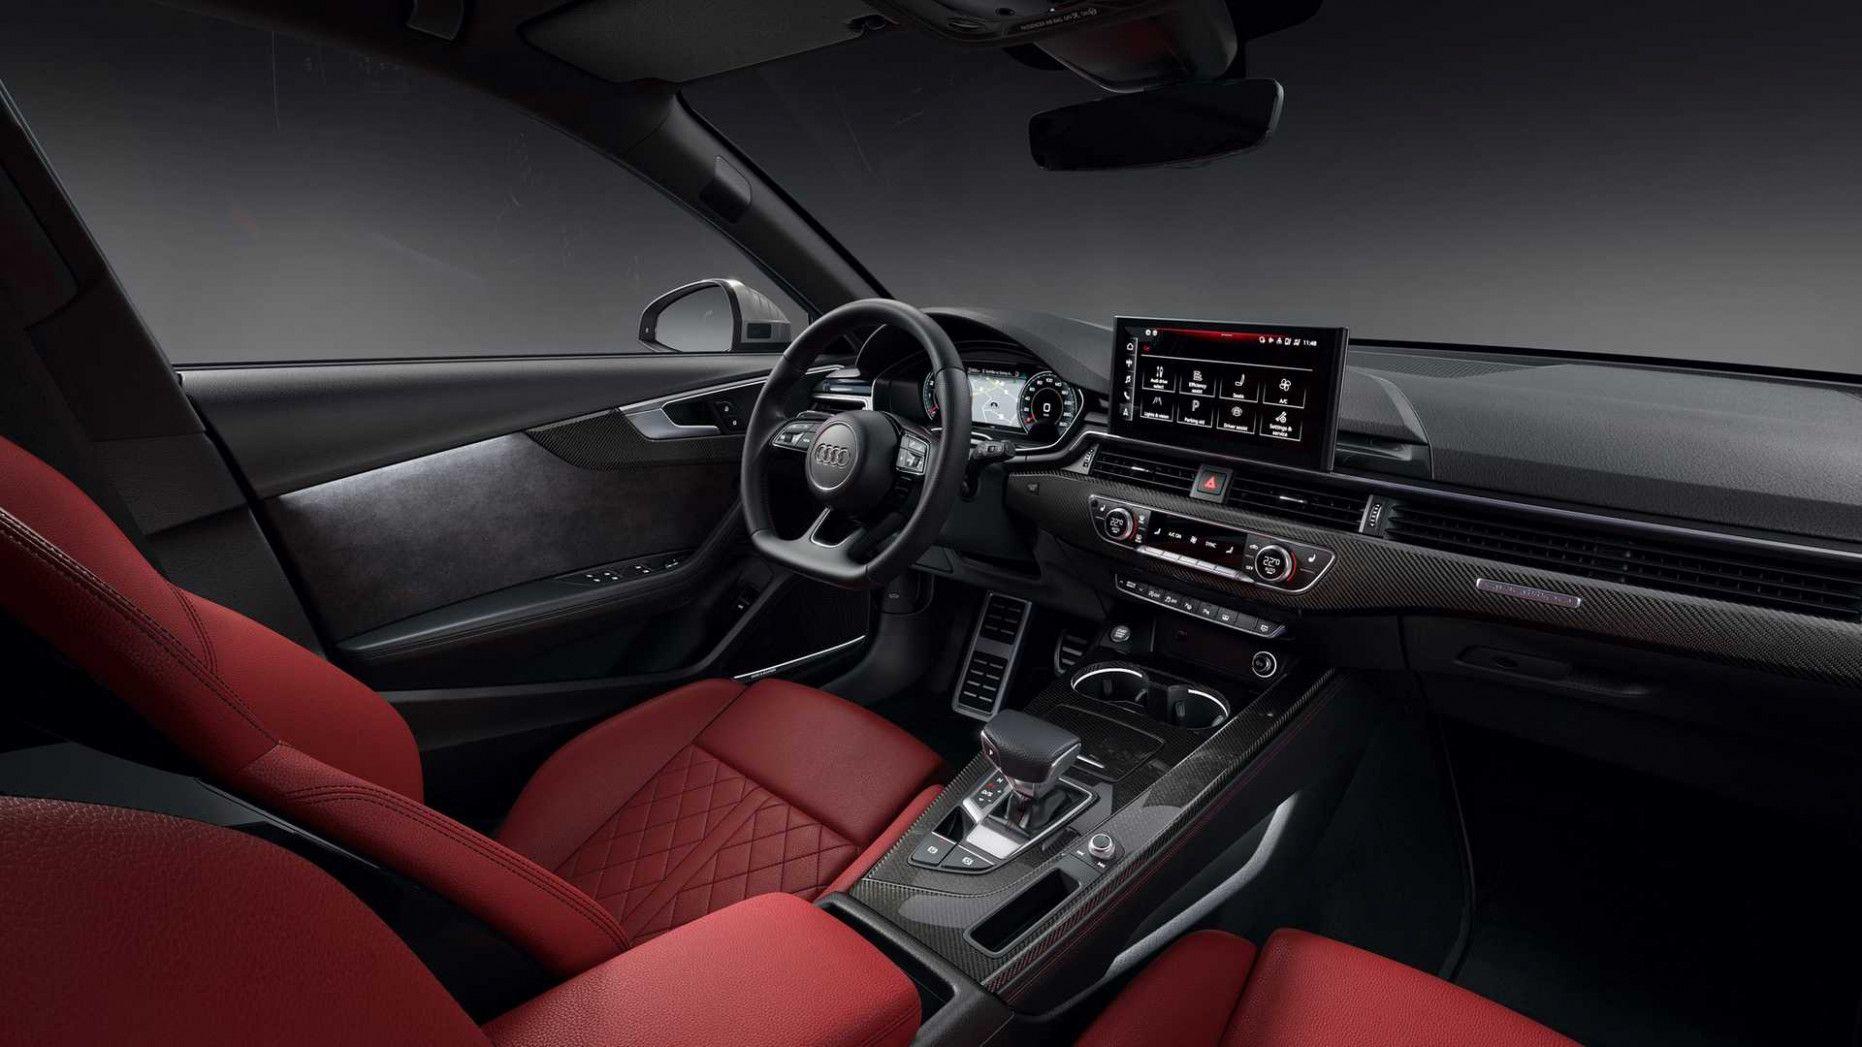 Audi A4 2020 Interior Price Di 2020